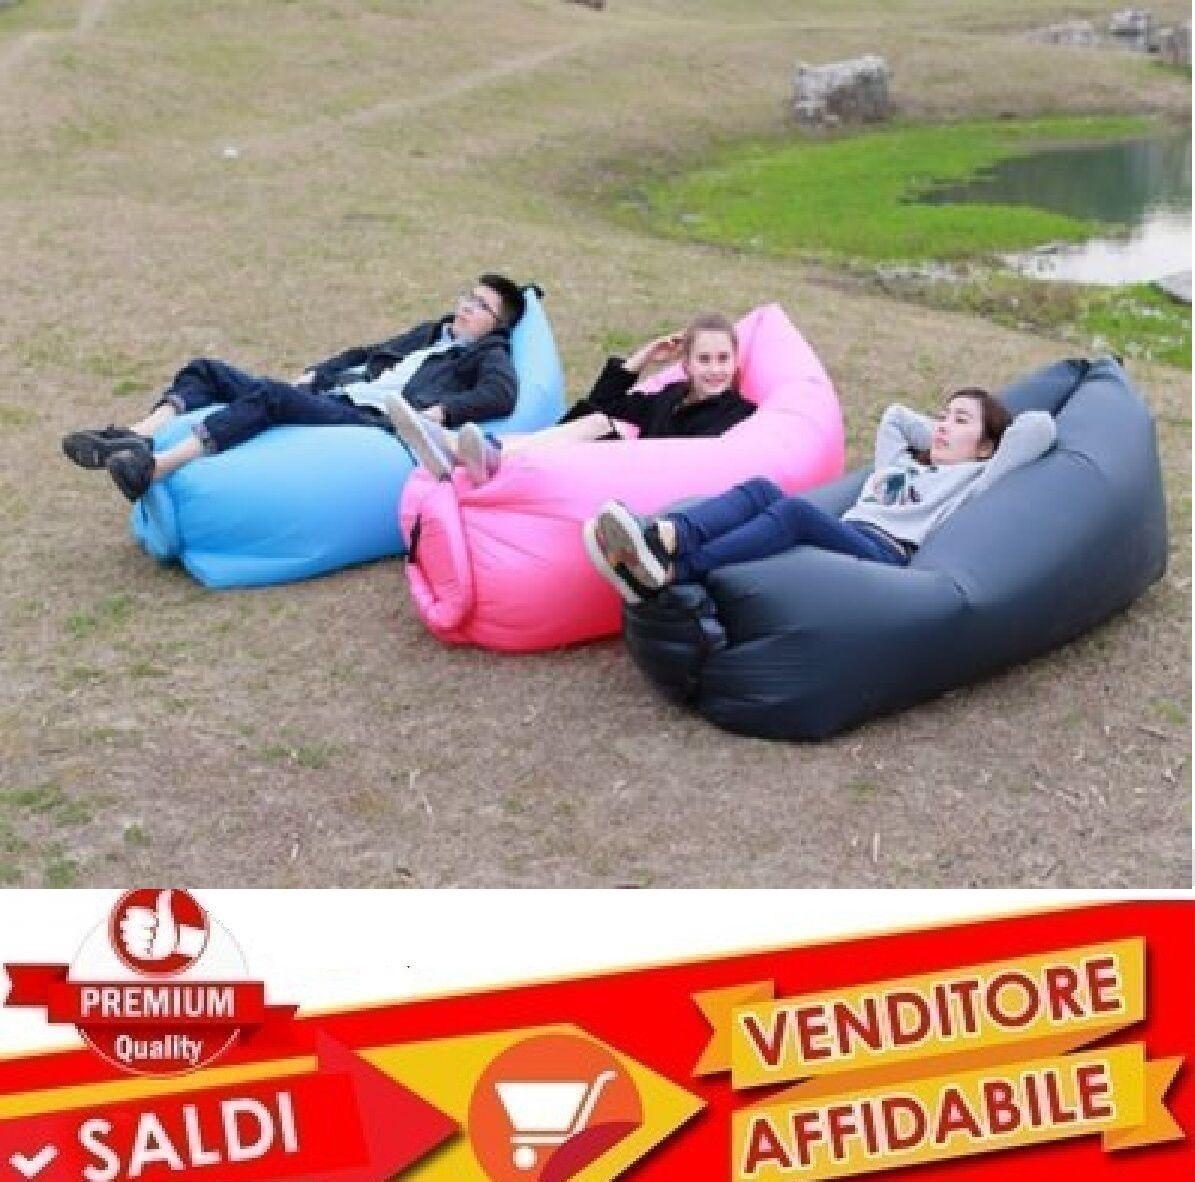 Sacco gonfiabile materasso materassino aria spiaggia campeggio relax NEW 2017